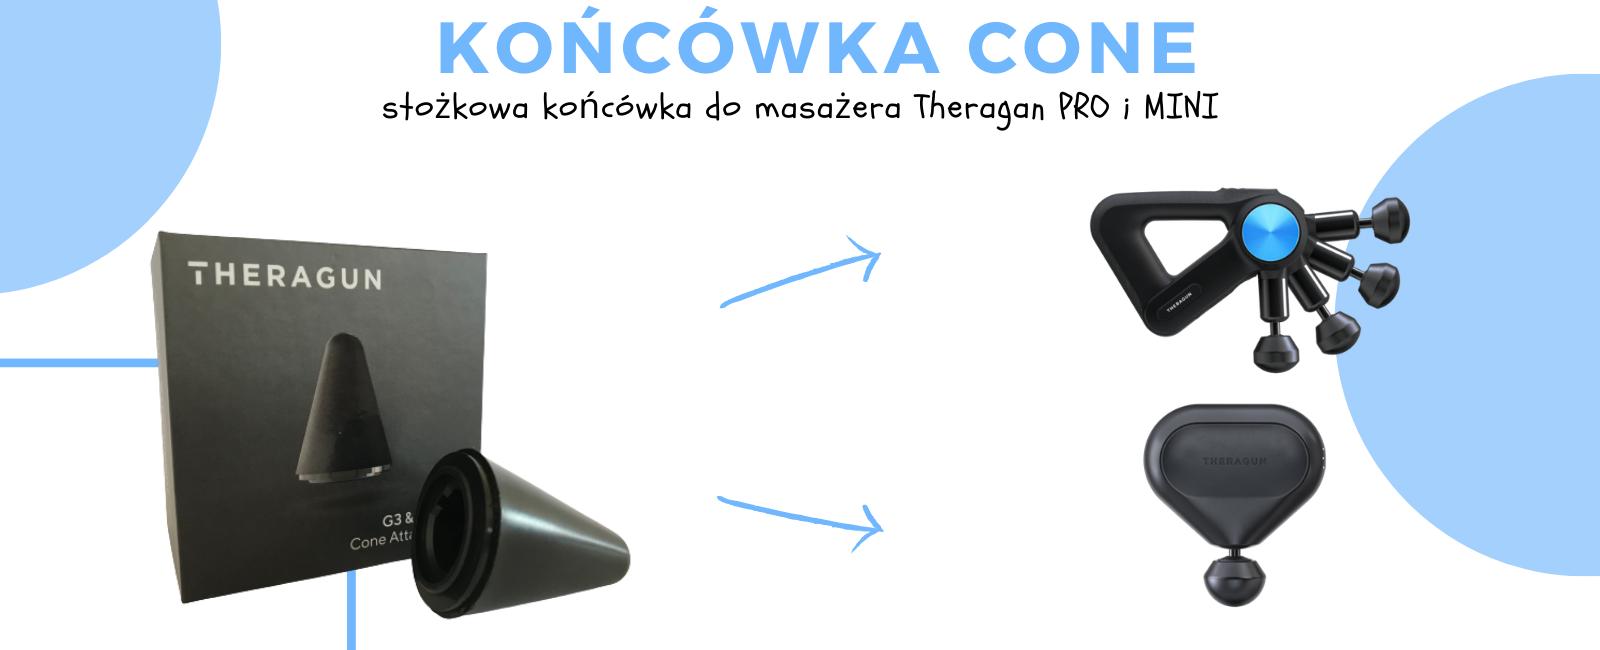 Koncowka Do Masazera Dla Dzieci Theragun Pro I Mini Stozkowa Cone.jpg